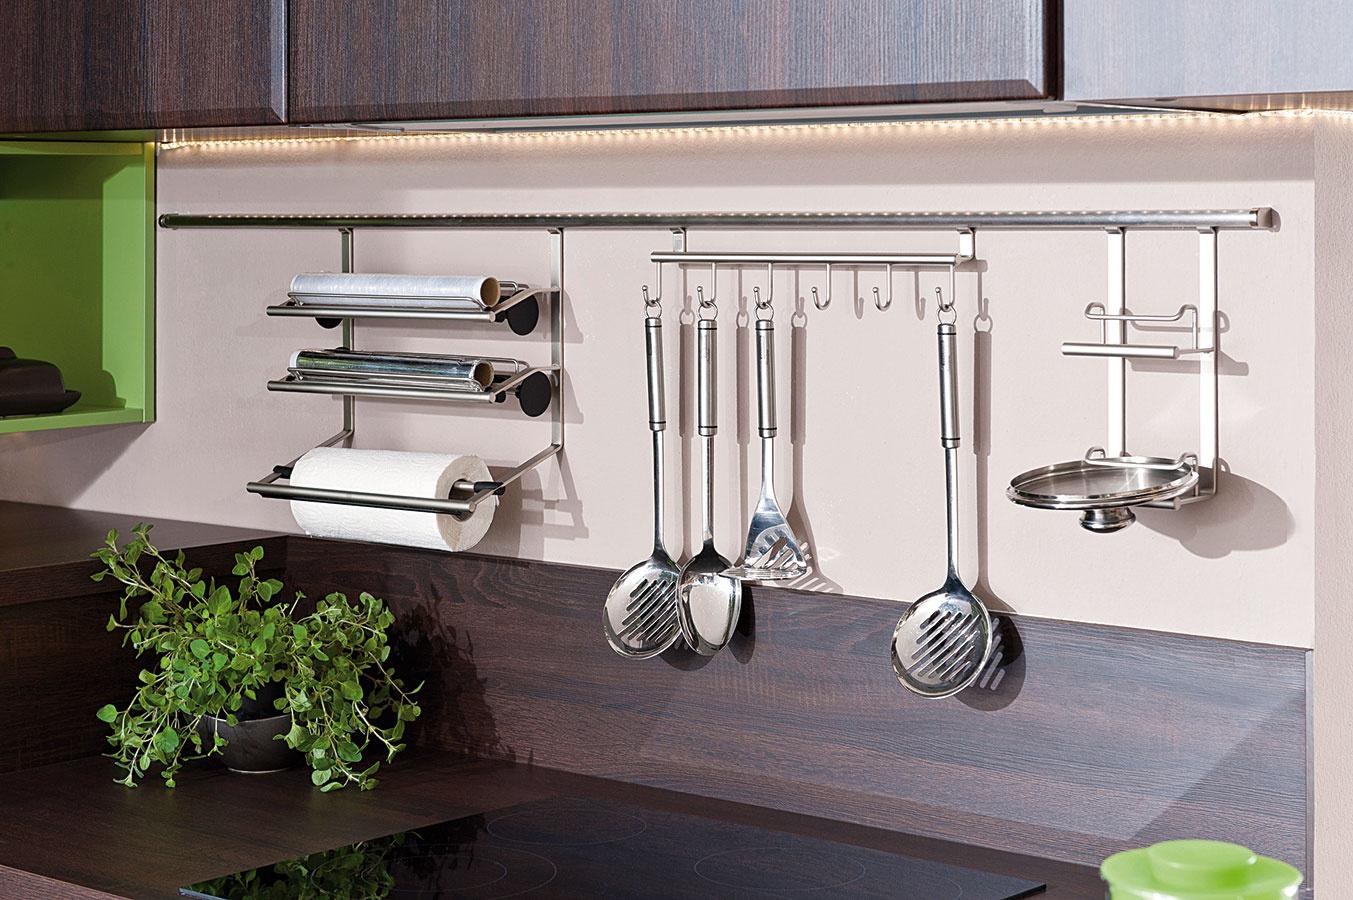 Kuchynské náčinie, doplnky či pokrievky môžu visieť aj na špeciálnych organizéroch azávesných systémoch upevnených na kuchynskej zástene. Výhodou je ich dekoratívny charakter.